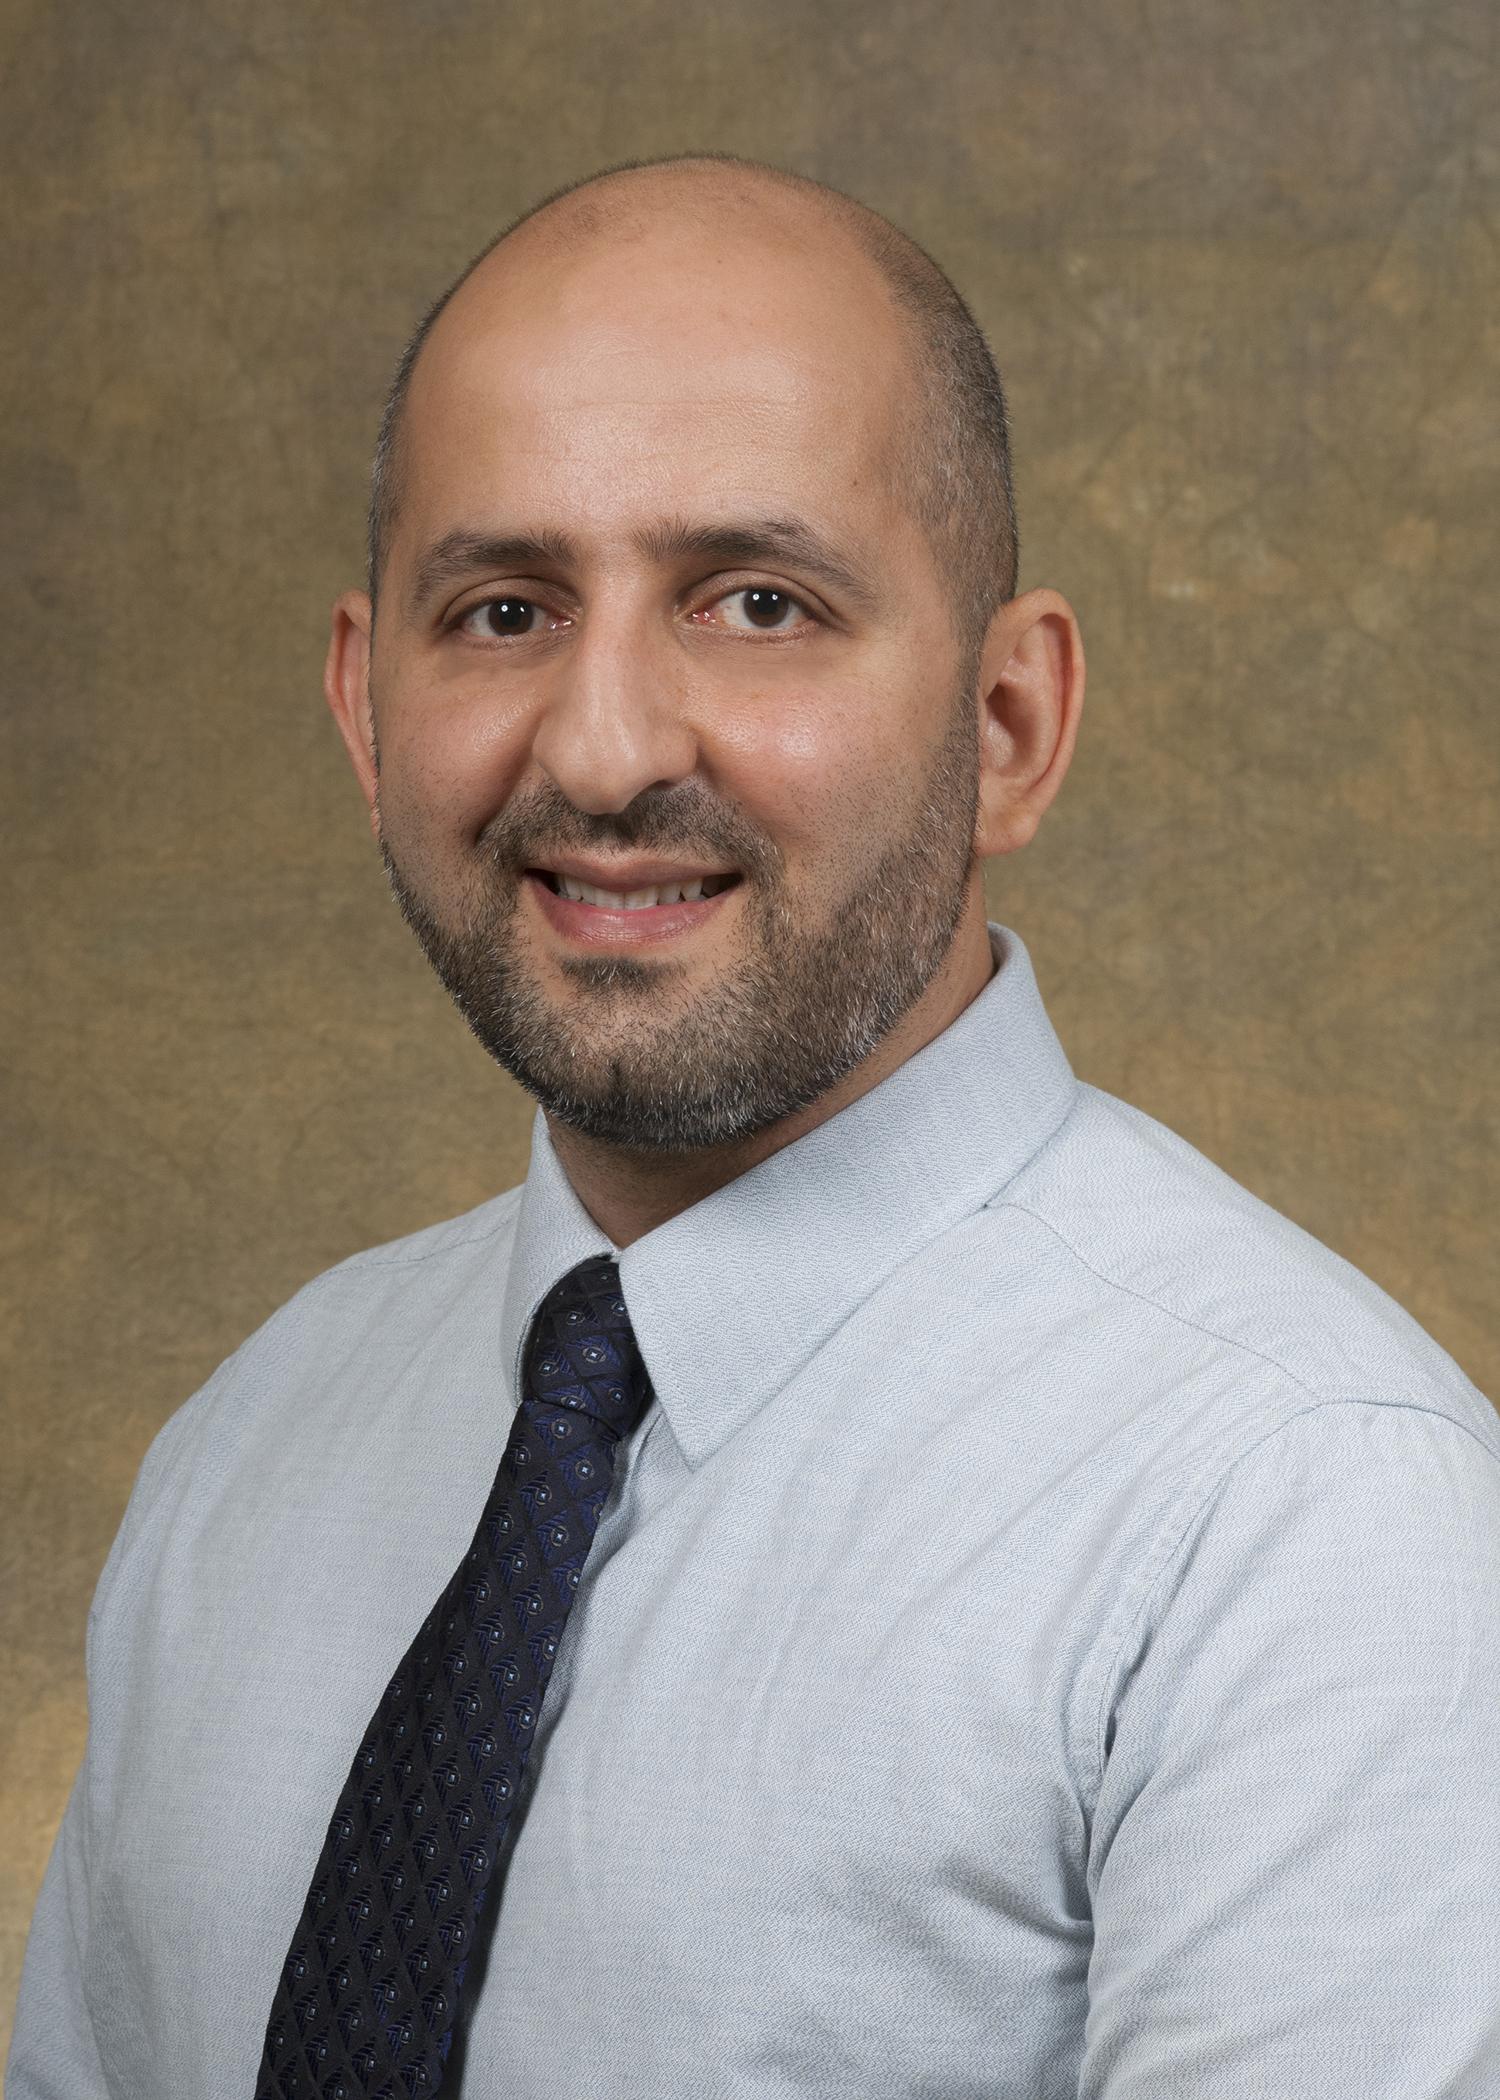 Arash Javanbakht